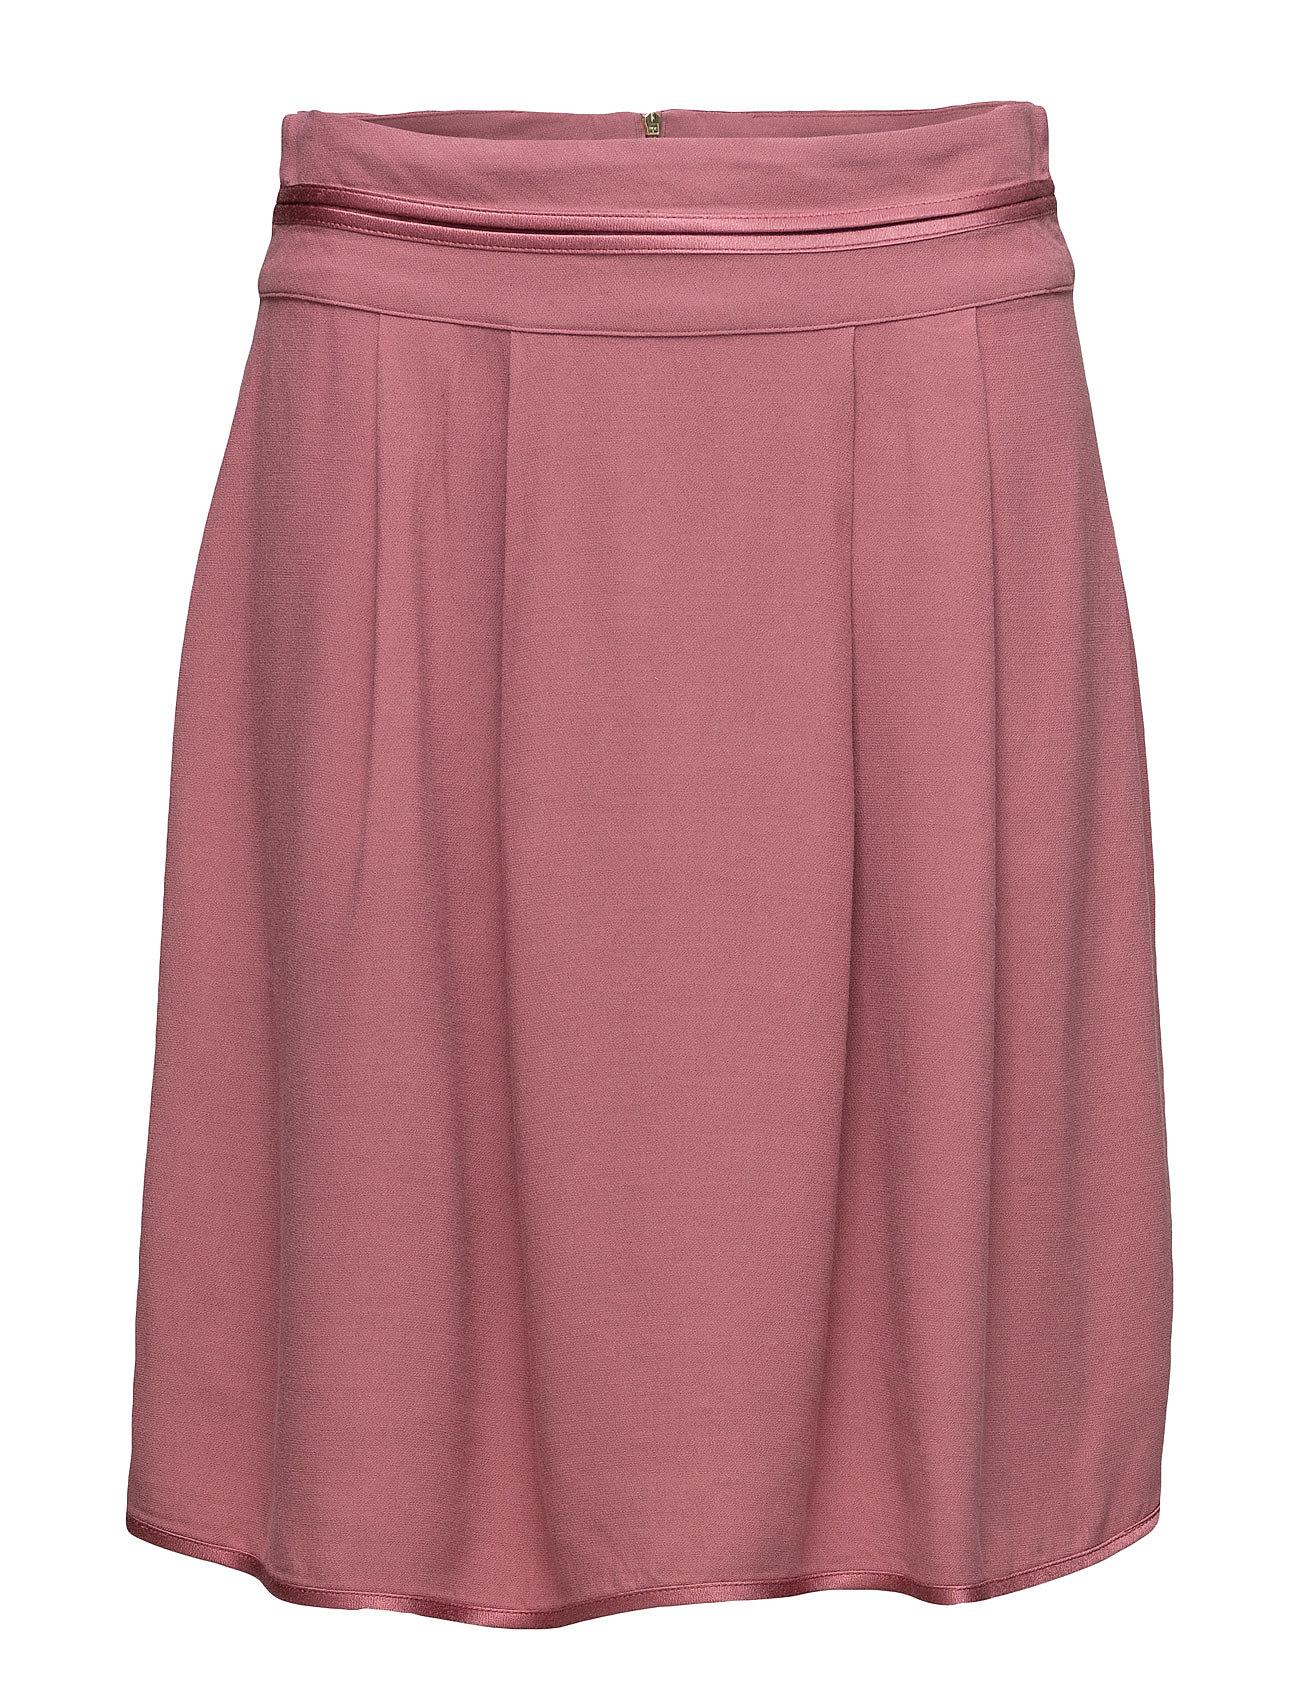 Skirts Light Woven Esprit Collection Korte til Damer i Mørk Old Pink